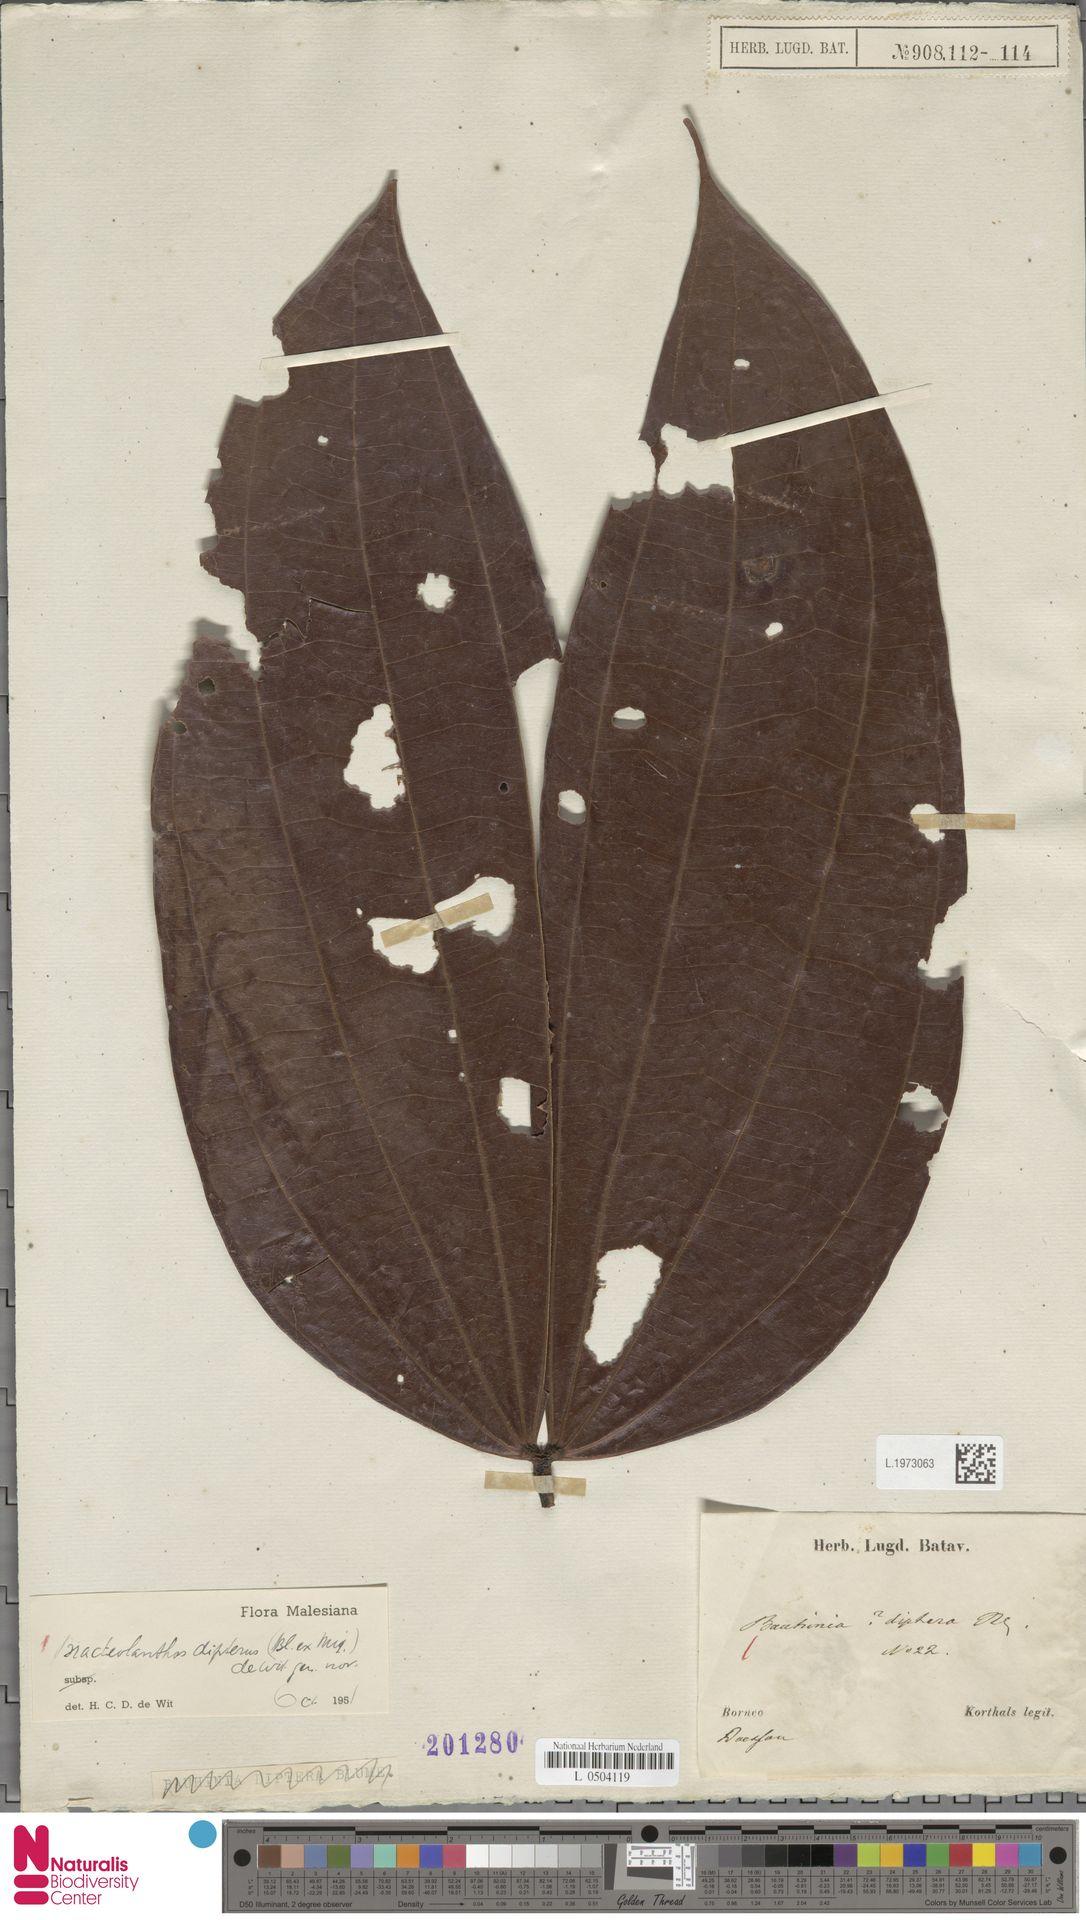 L.1973063 | Bracteolanthus dipterus (Miq.) de Wit